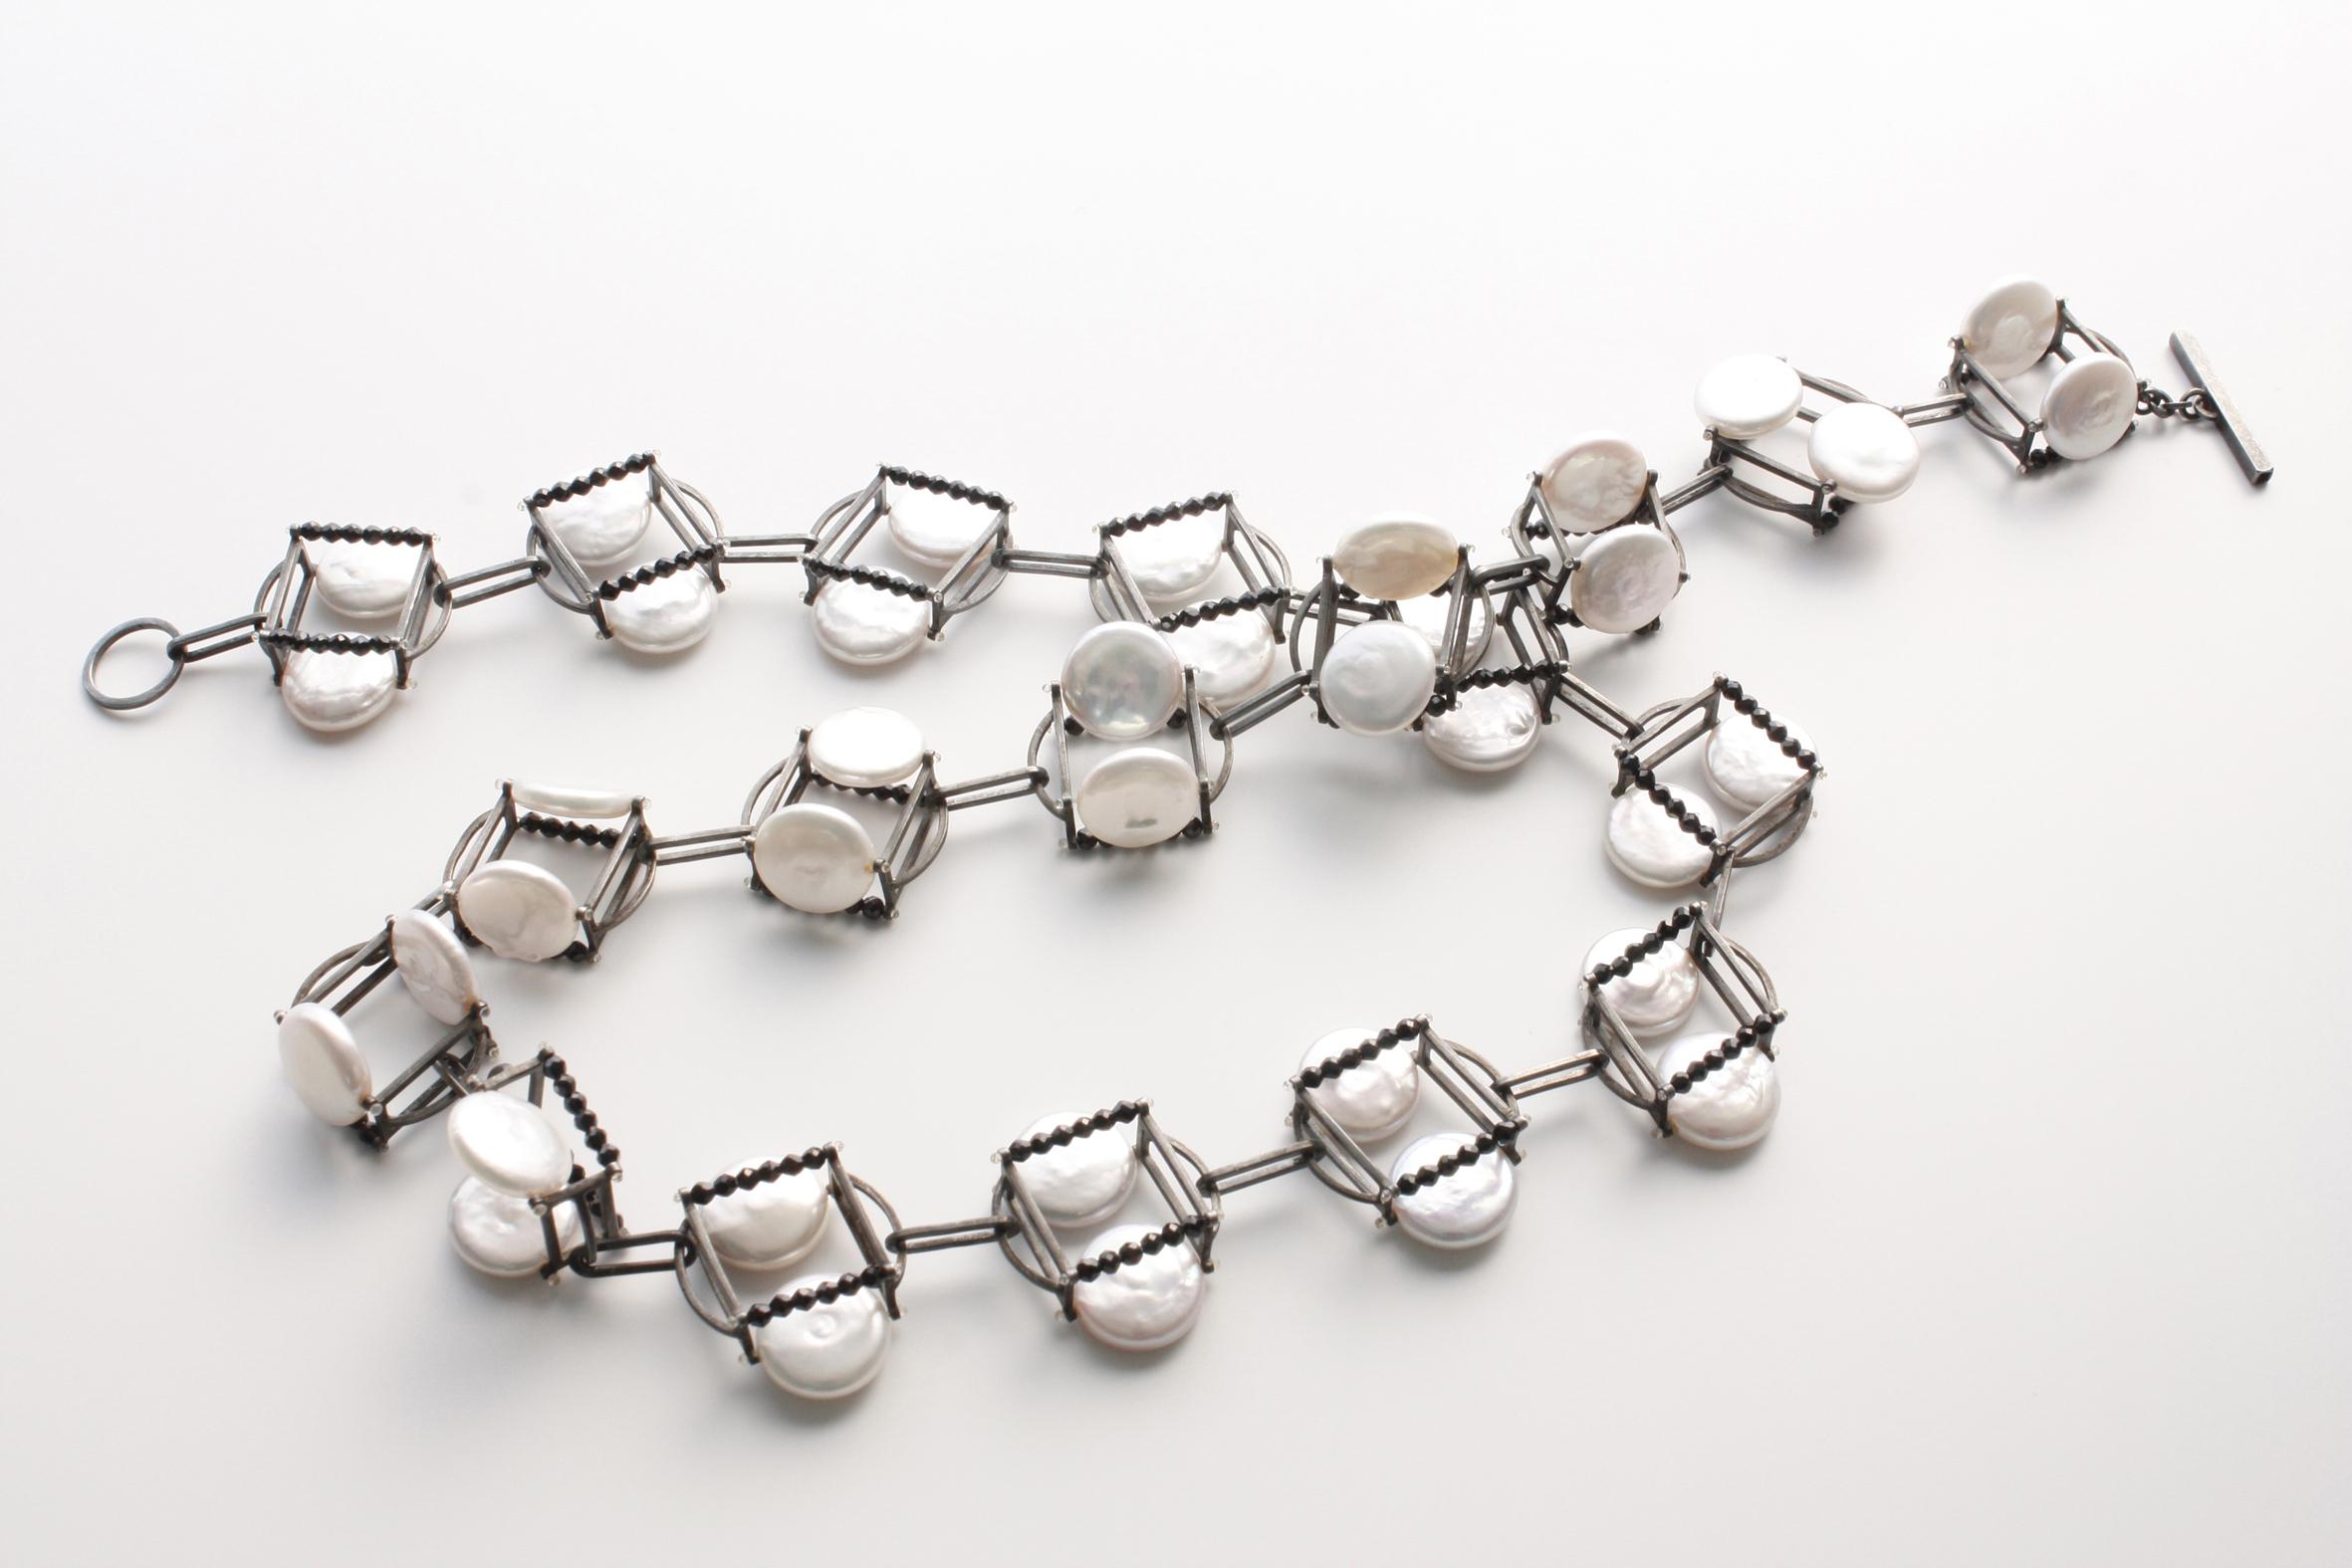 Alexandra Bahlmann, halssieraad, 2014, geoxideerd zilver, zwarte spinel, parels